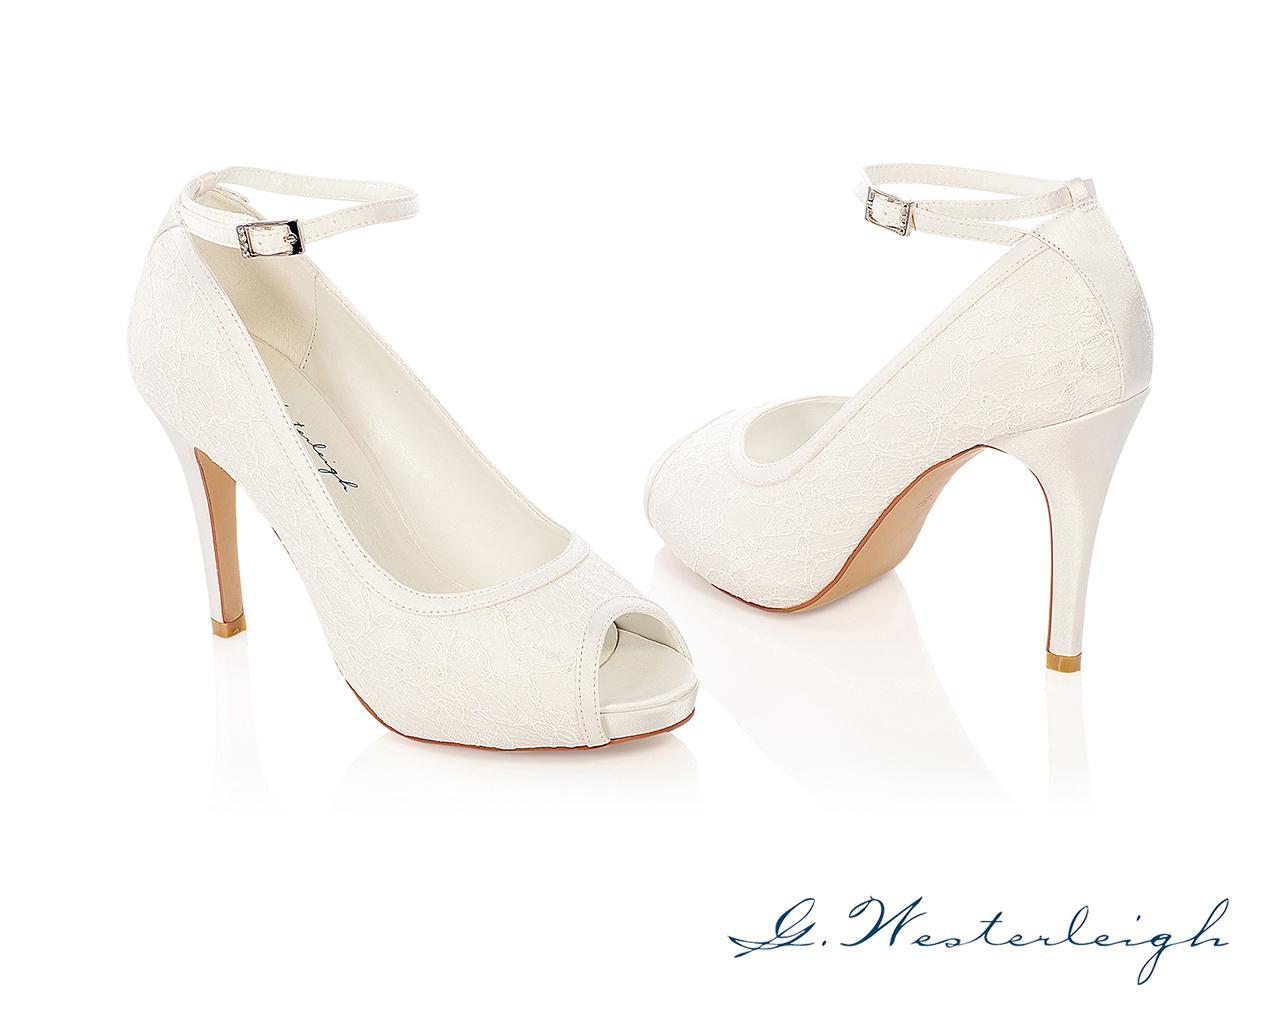 LEILA - Westerleigh cipő. 25.500 Ft. 11 cm sarok.